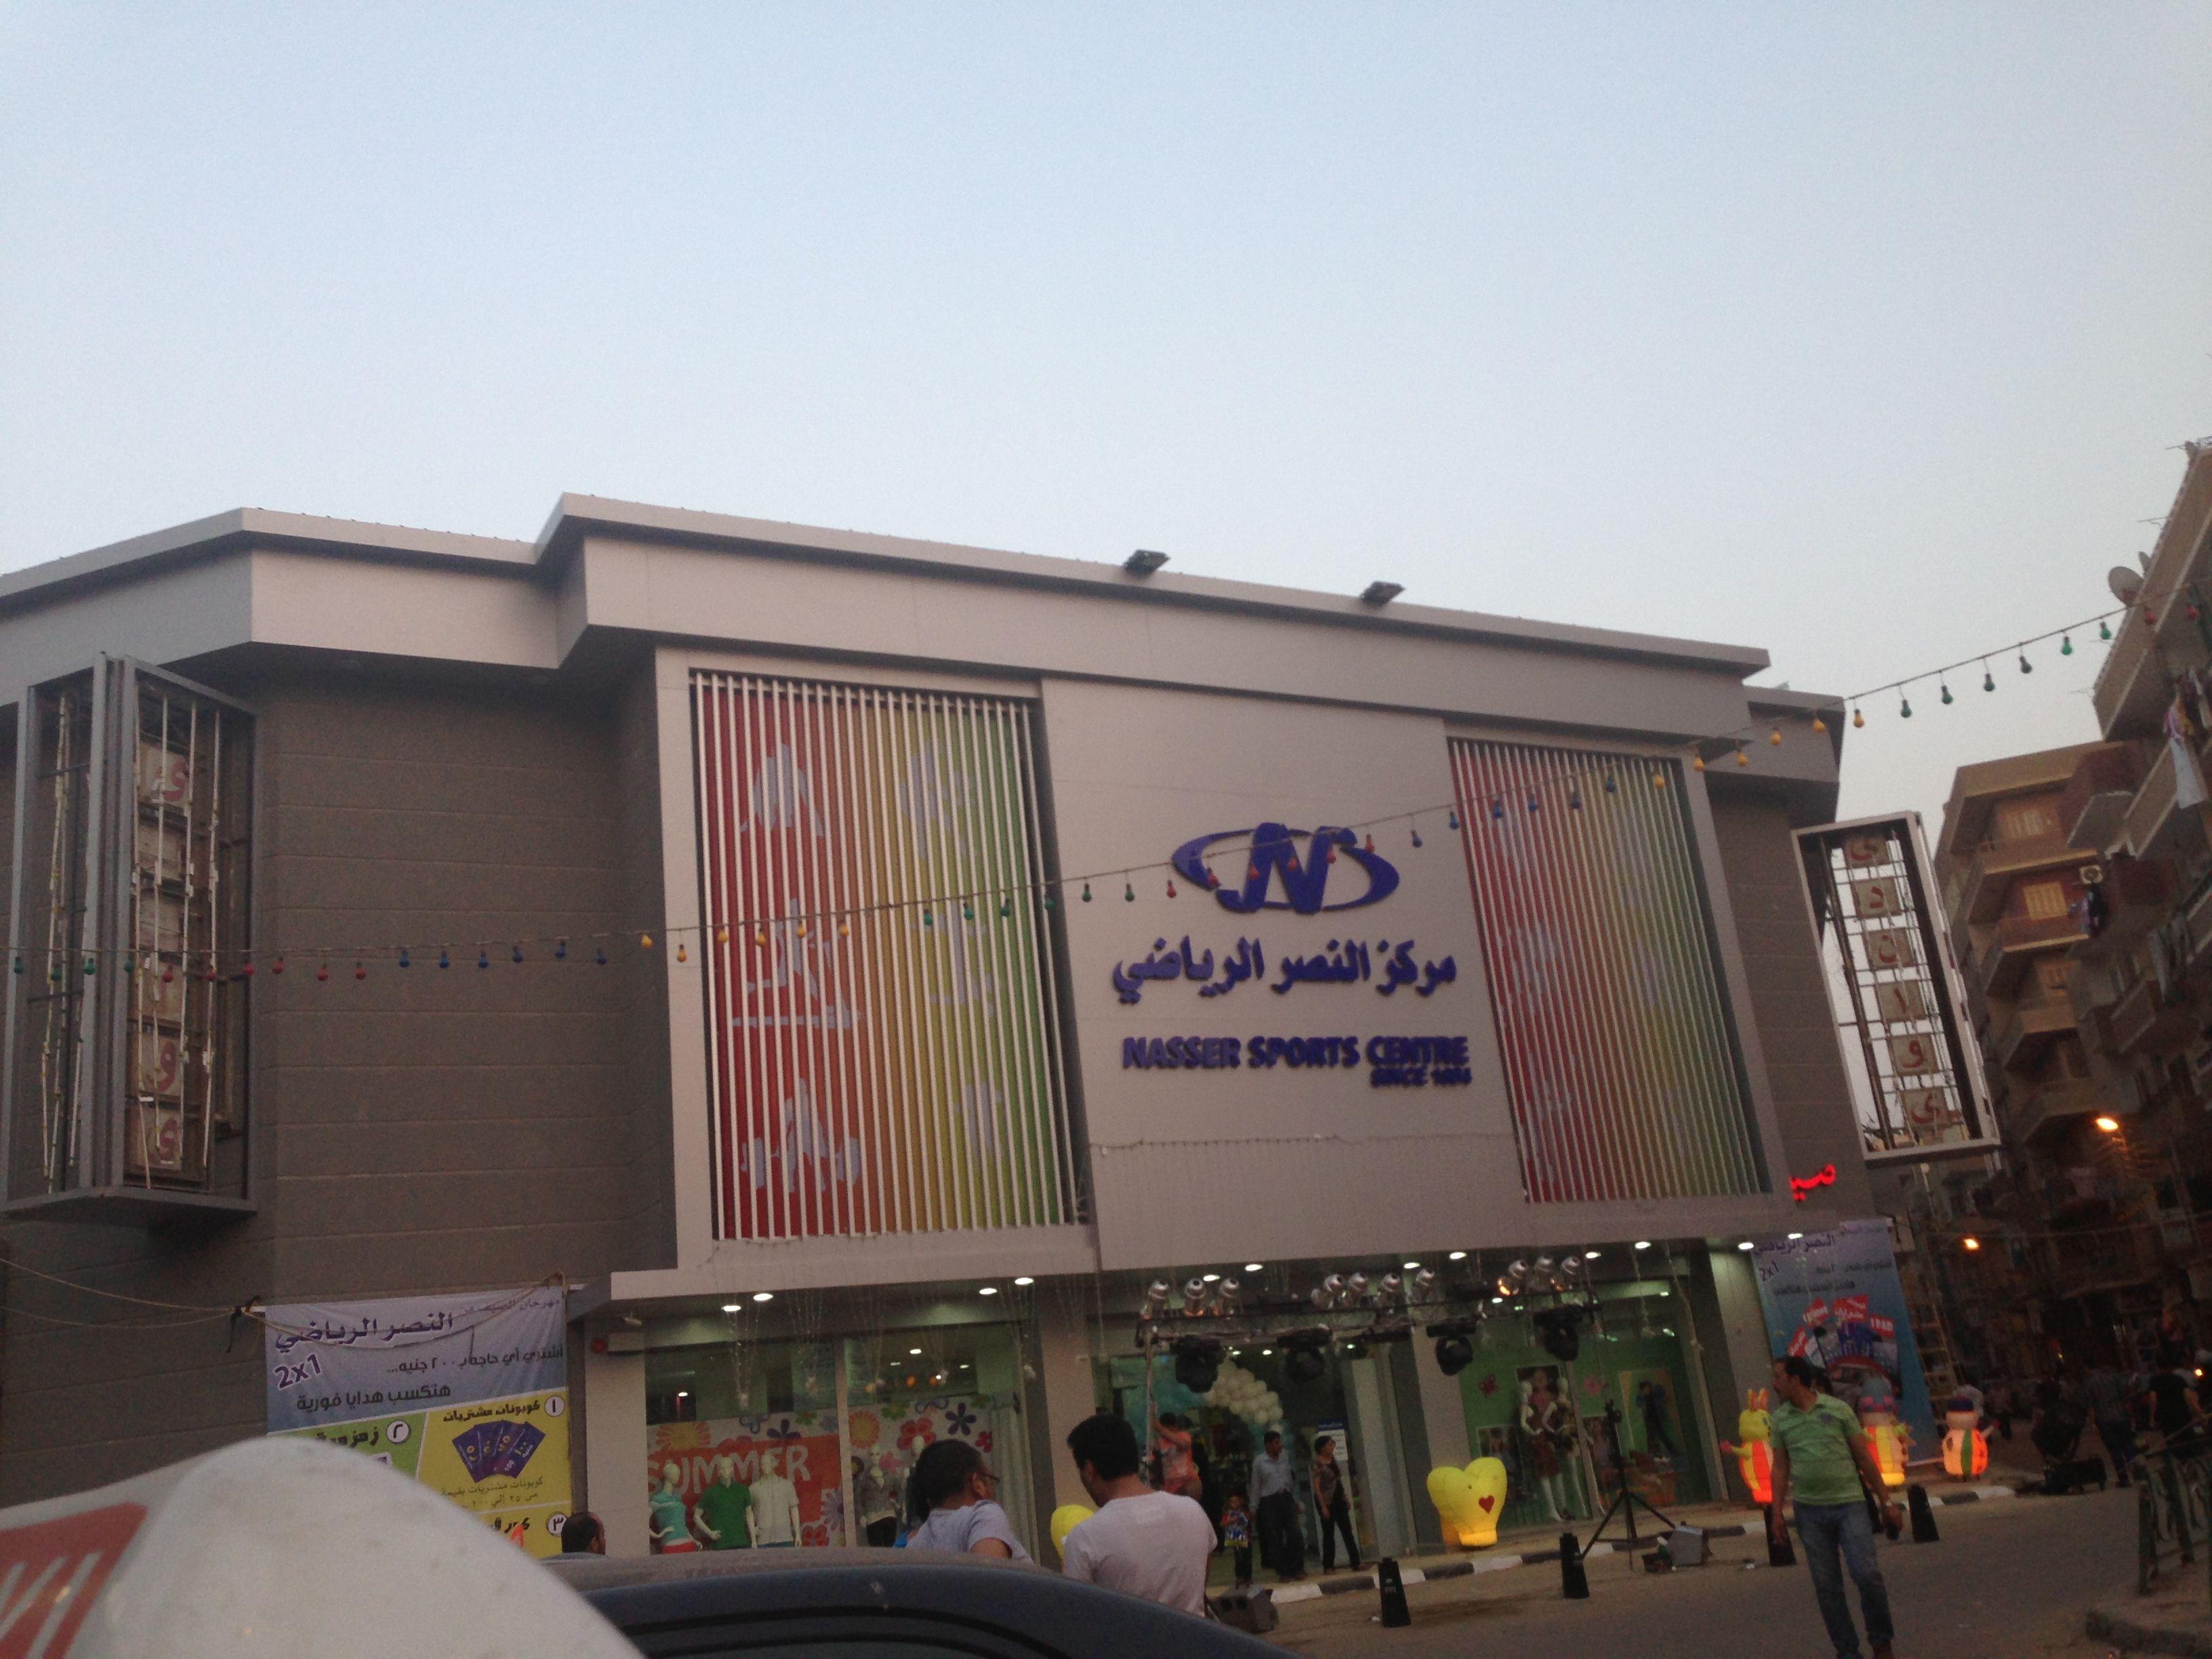 Nasr Sports Center External Facade Minya 2 By Better Partners